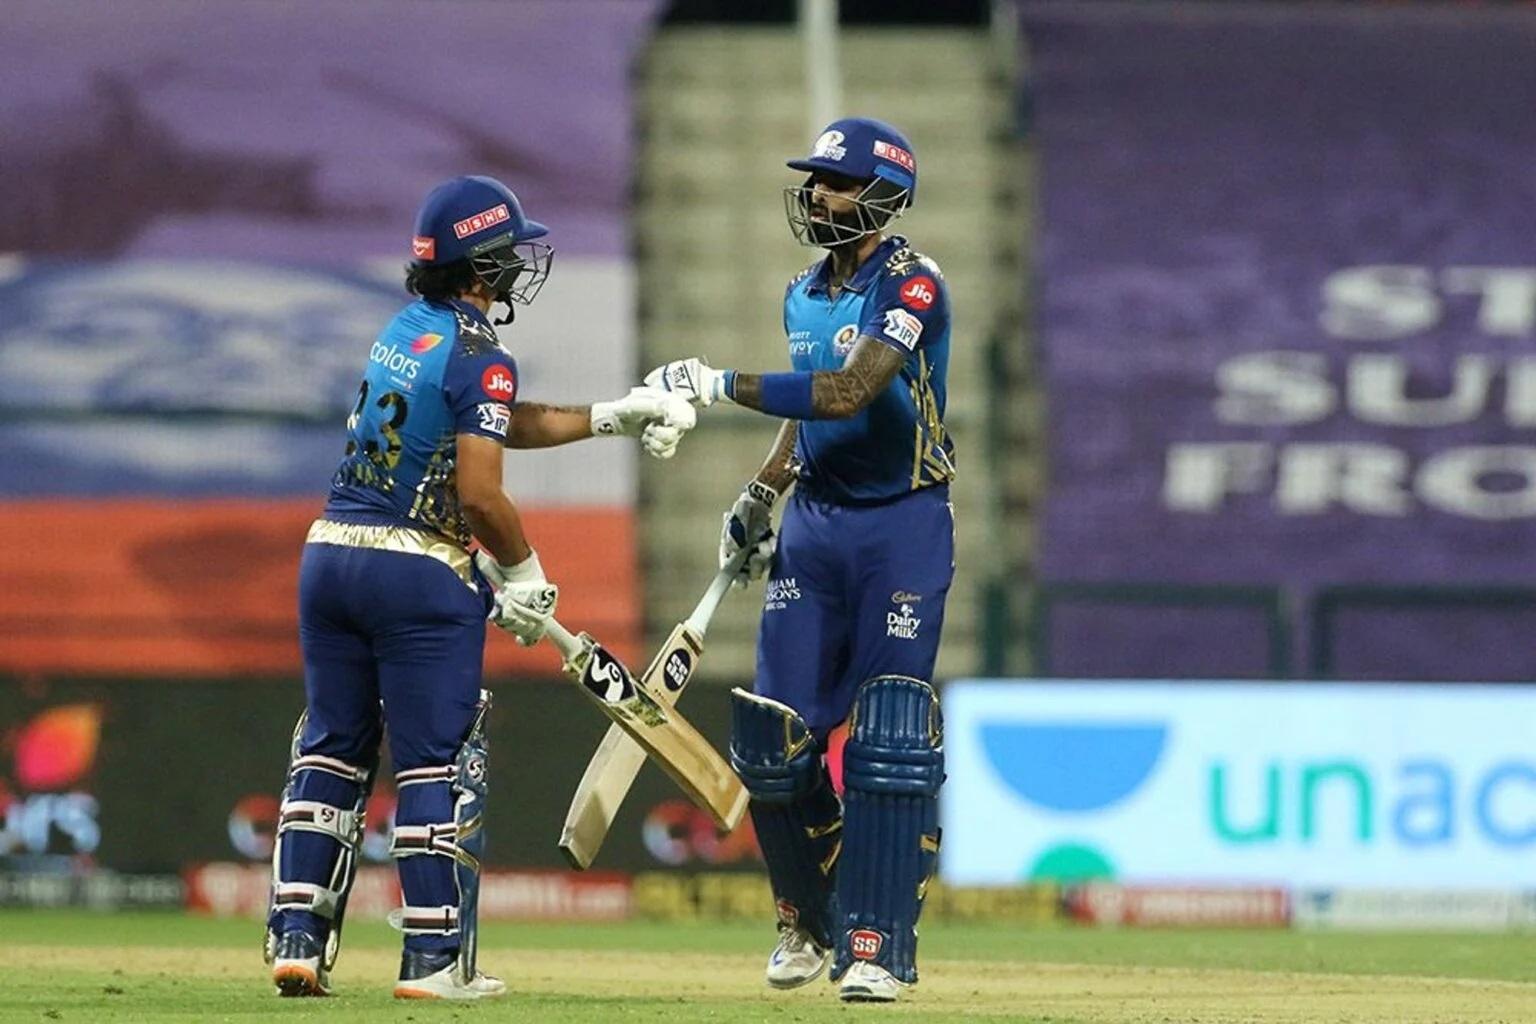 IPL: এই কারণে আগামী মরশুমে সূর্যকুমার আর ঈশান কিষাণকে রিটেন করবে না মুম্বাই ইন্ডিয়ন্স 2